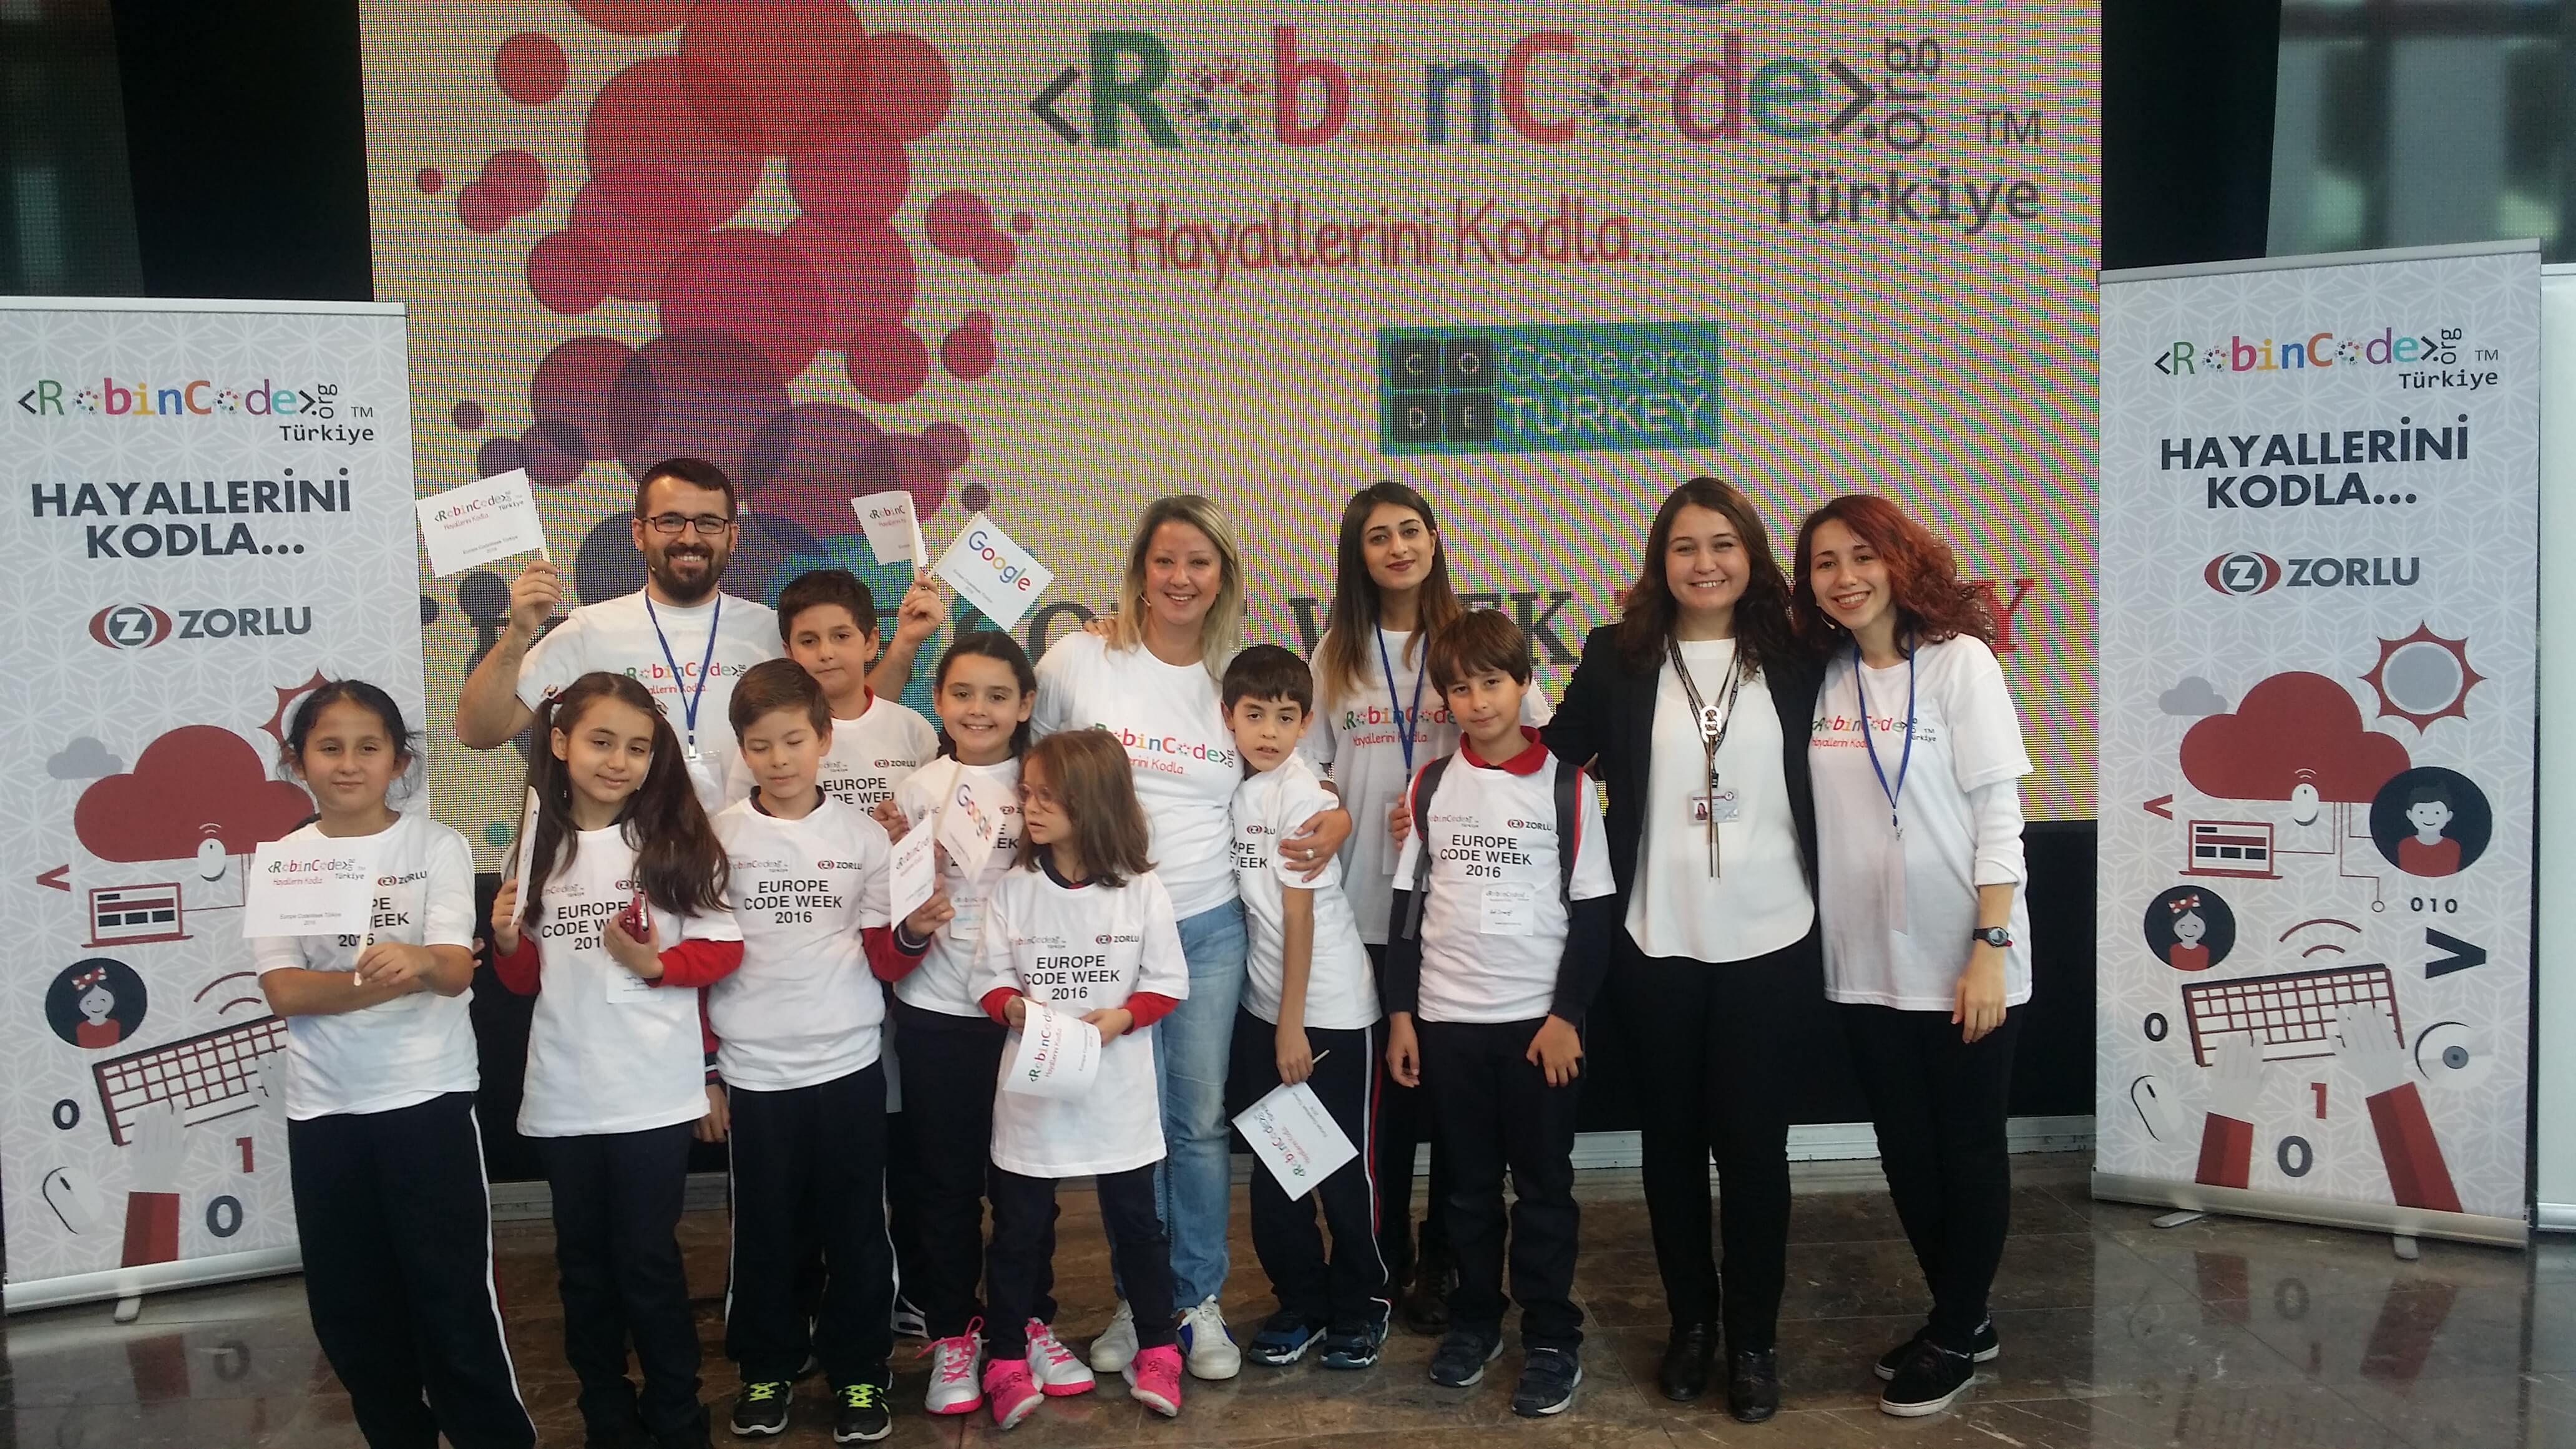 """Öğrencilerimiz """"Europa CodeWeek Turkey"""" Etkinliğine Misafir Oldu"""